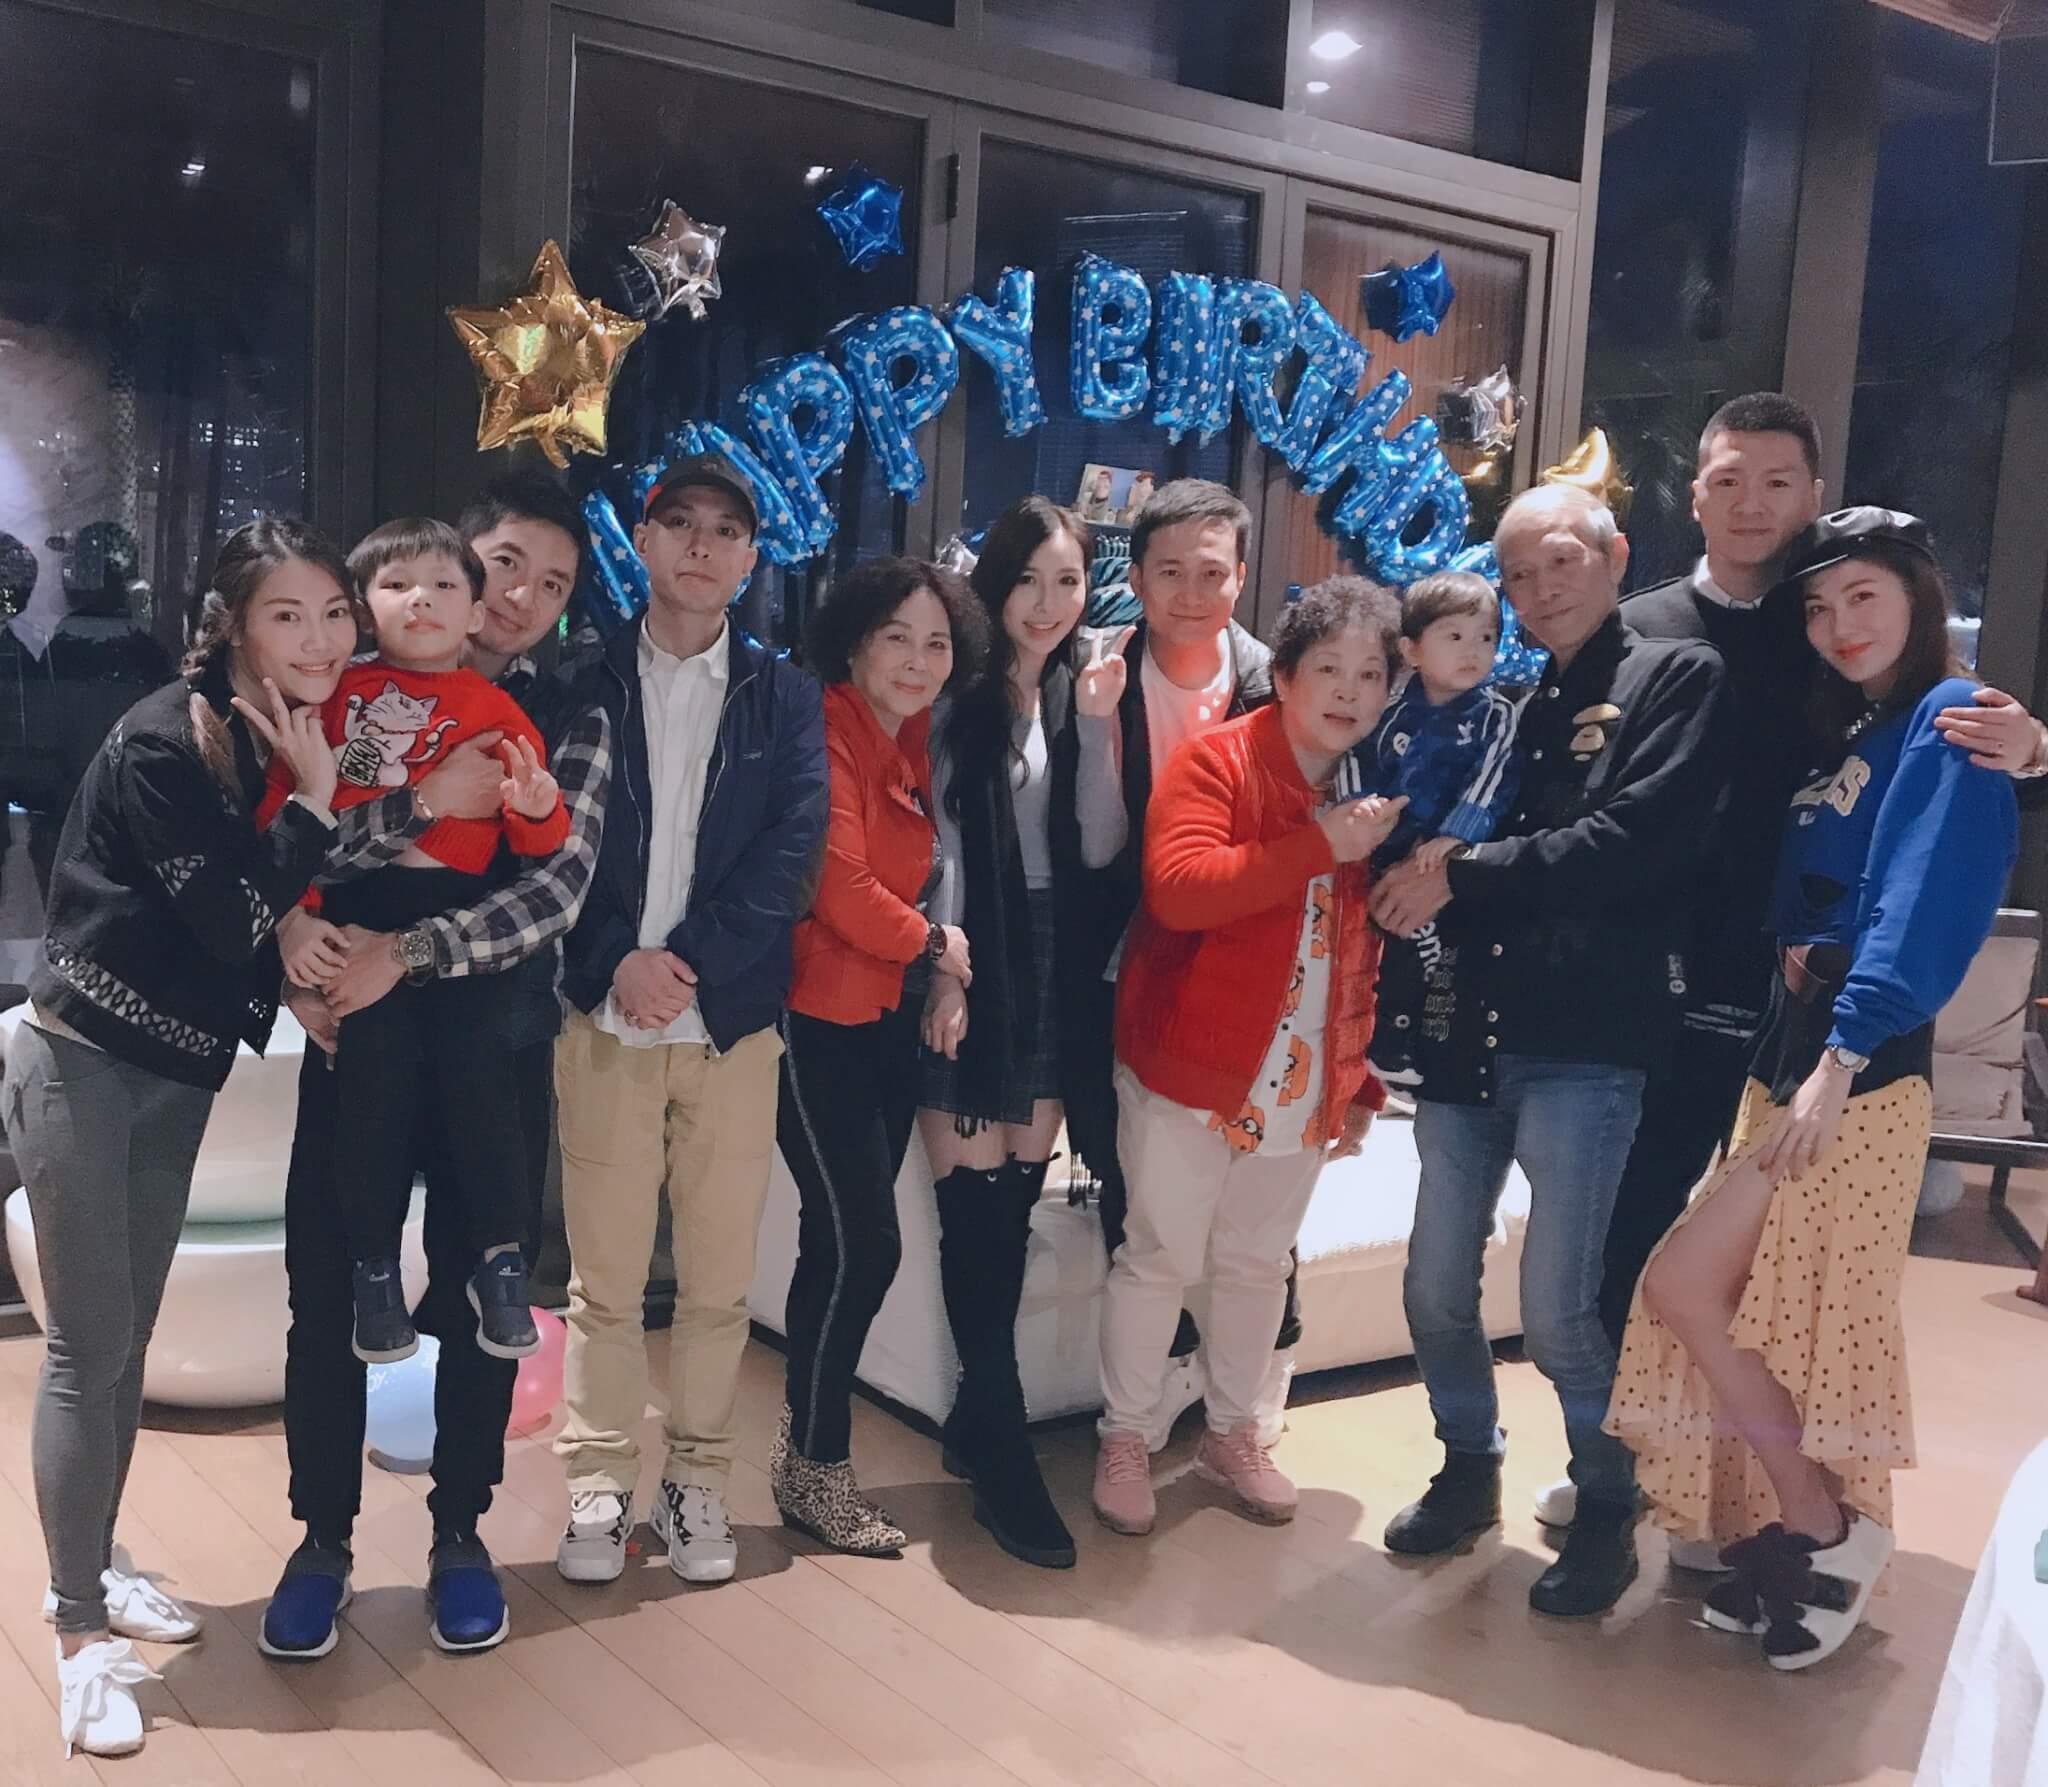 今年Rain與Eric在澳門過婚後首個情人節,她說:「全家人都有去,姨甥仔十五號生日,順便慶祝。」